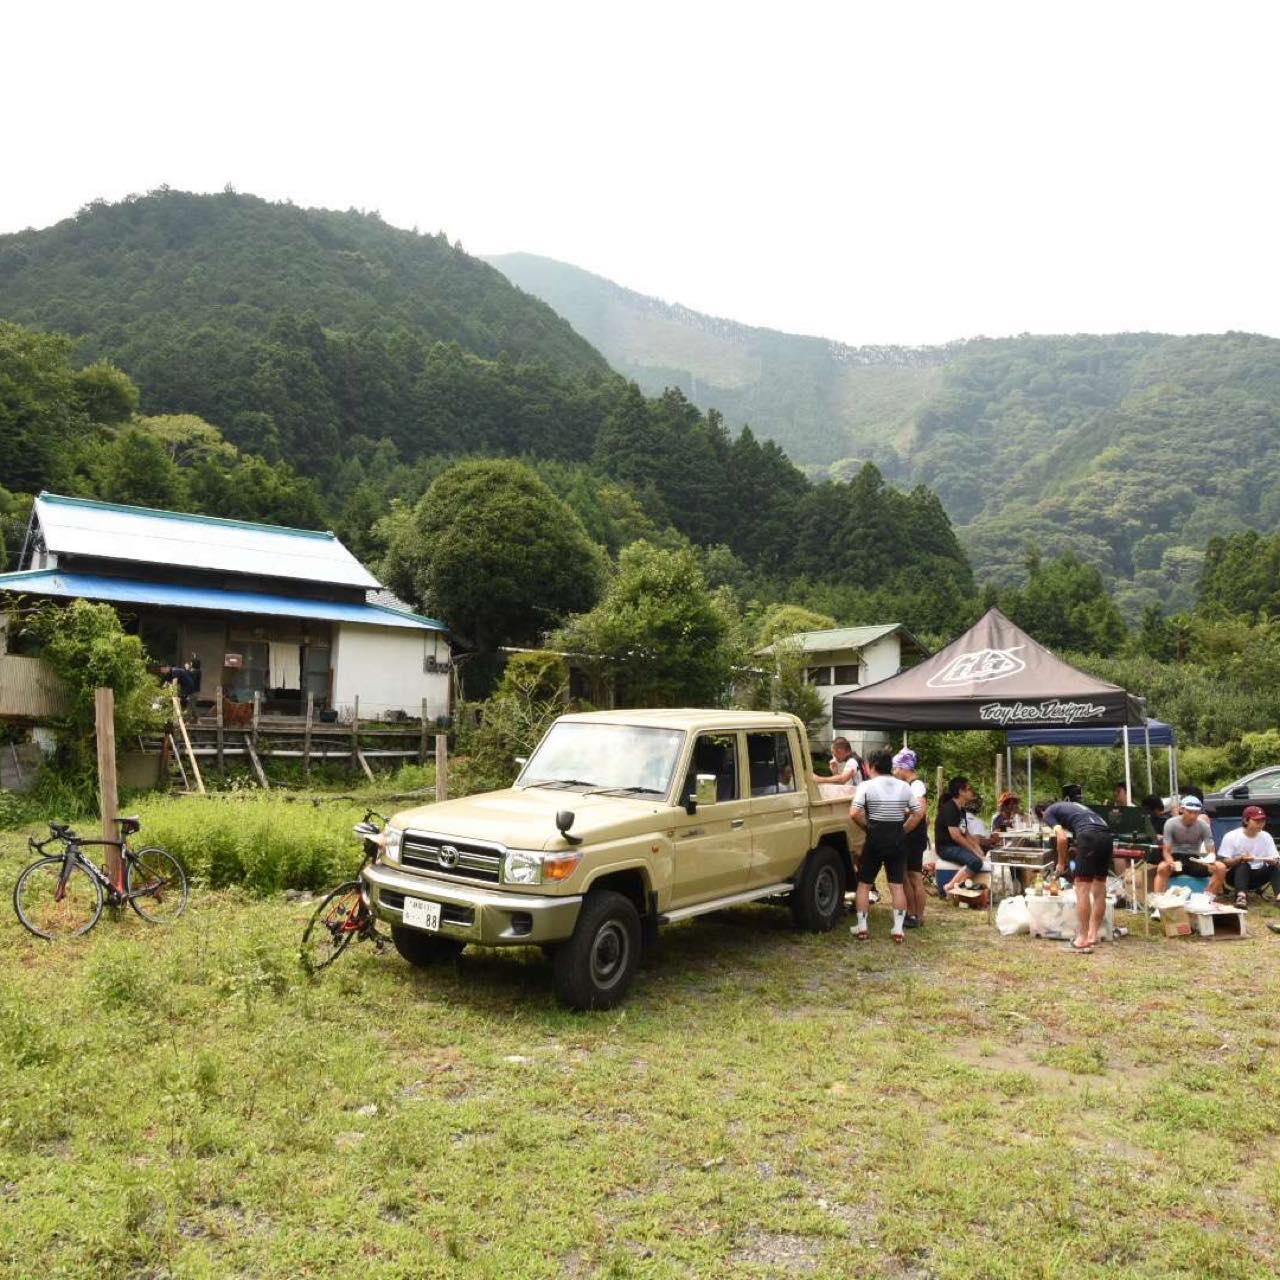 東京近郊。5箇所の、誰も知らない美しいプライベートキャンプ場